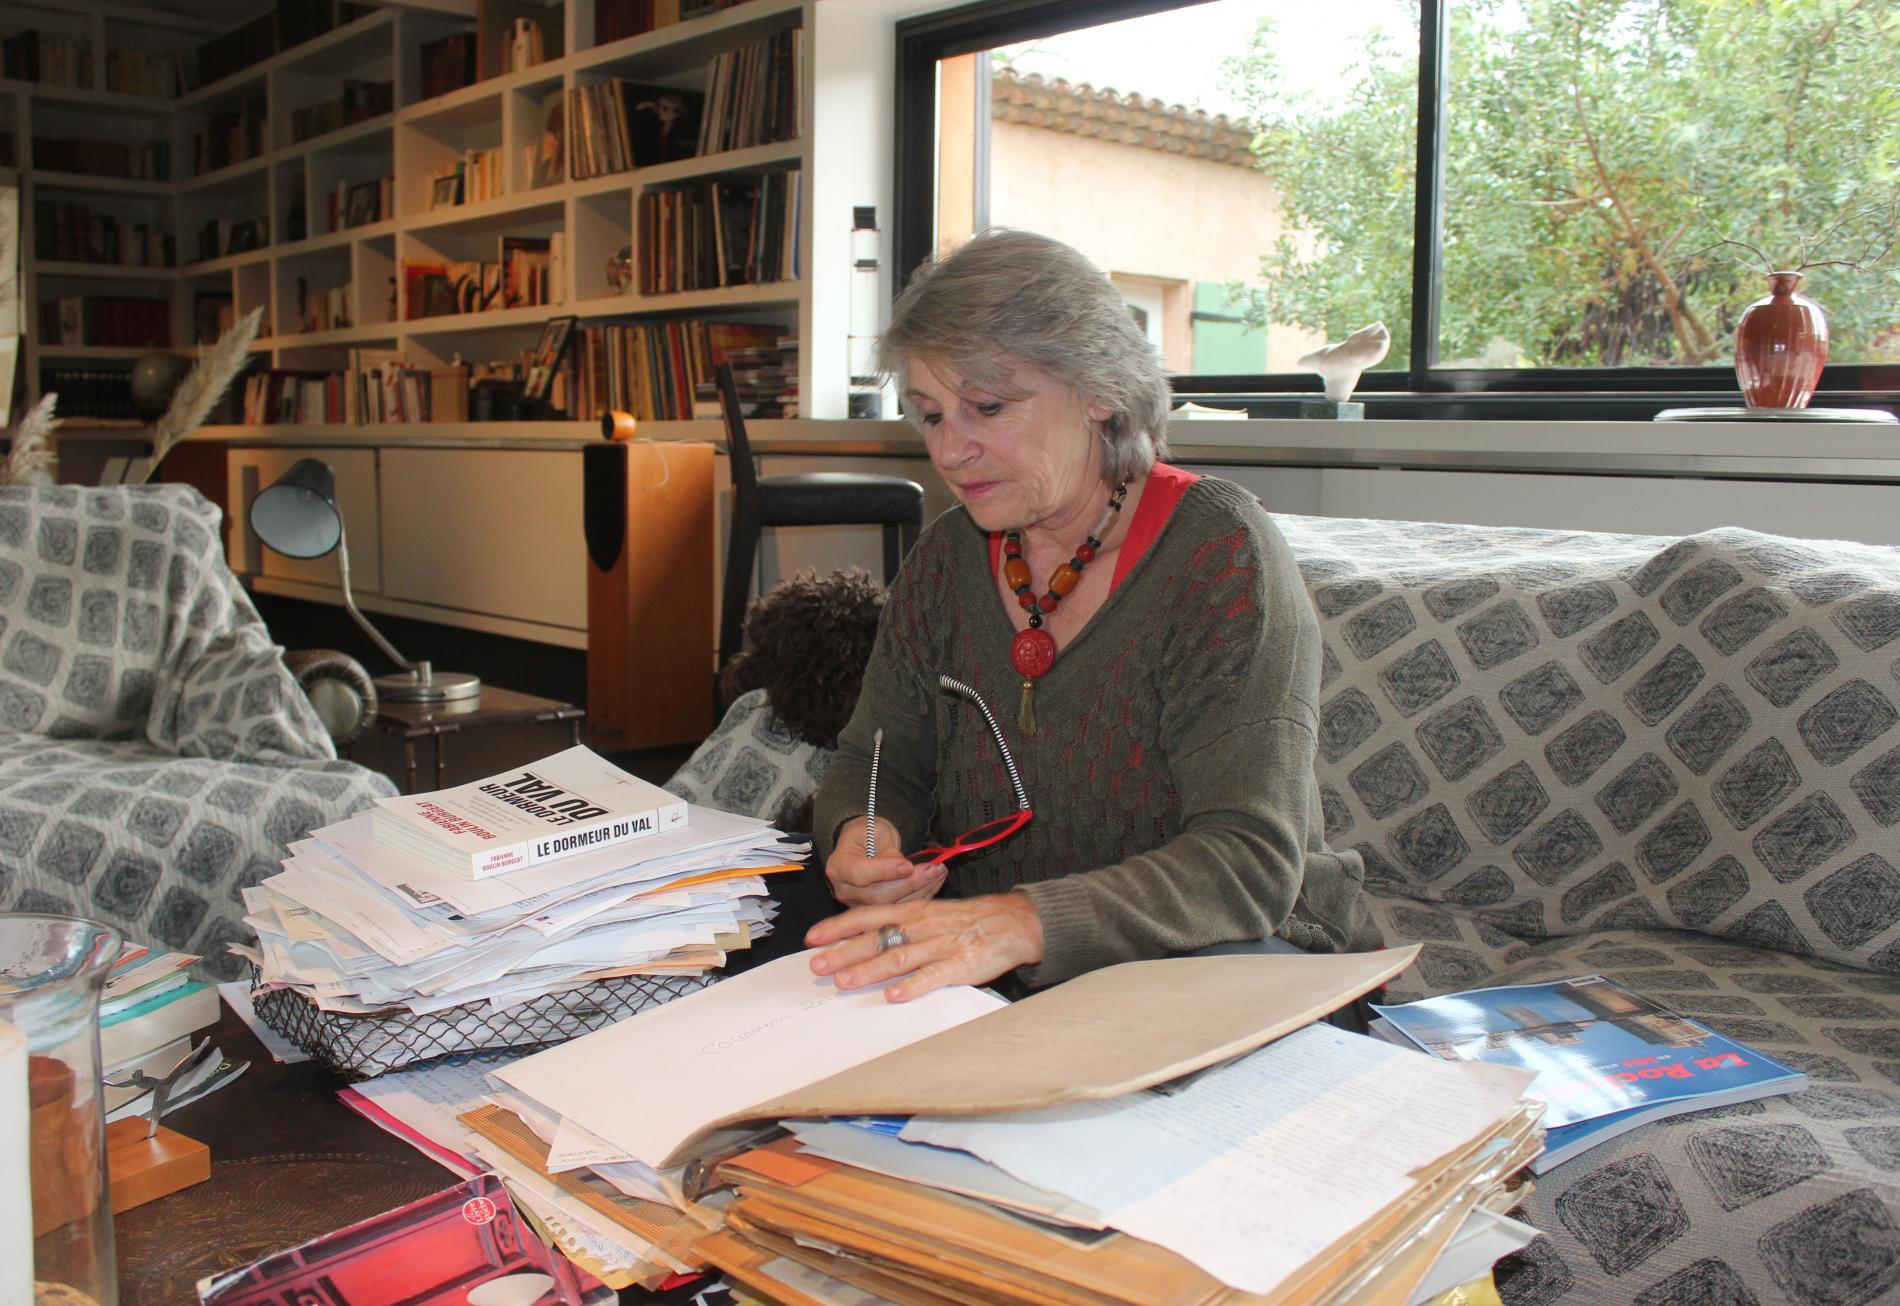 Fabienne Boulin Burgeat, le 23 octobre 2019, au milieu de ses dossiers concernant l\'affaire Boulin, dans sa maison de Ramatuelle (Var).